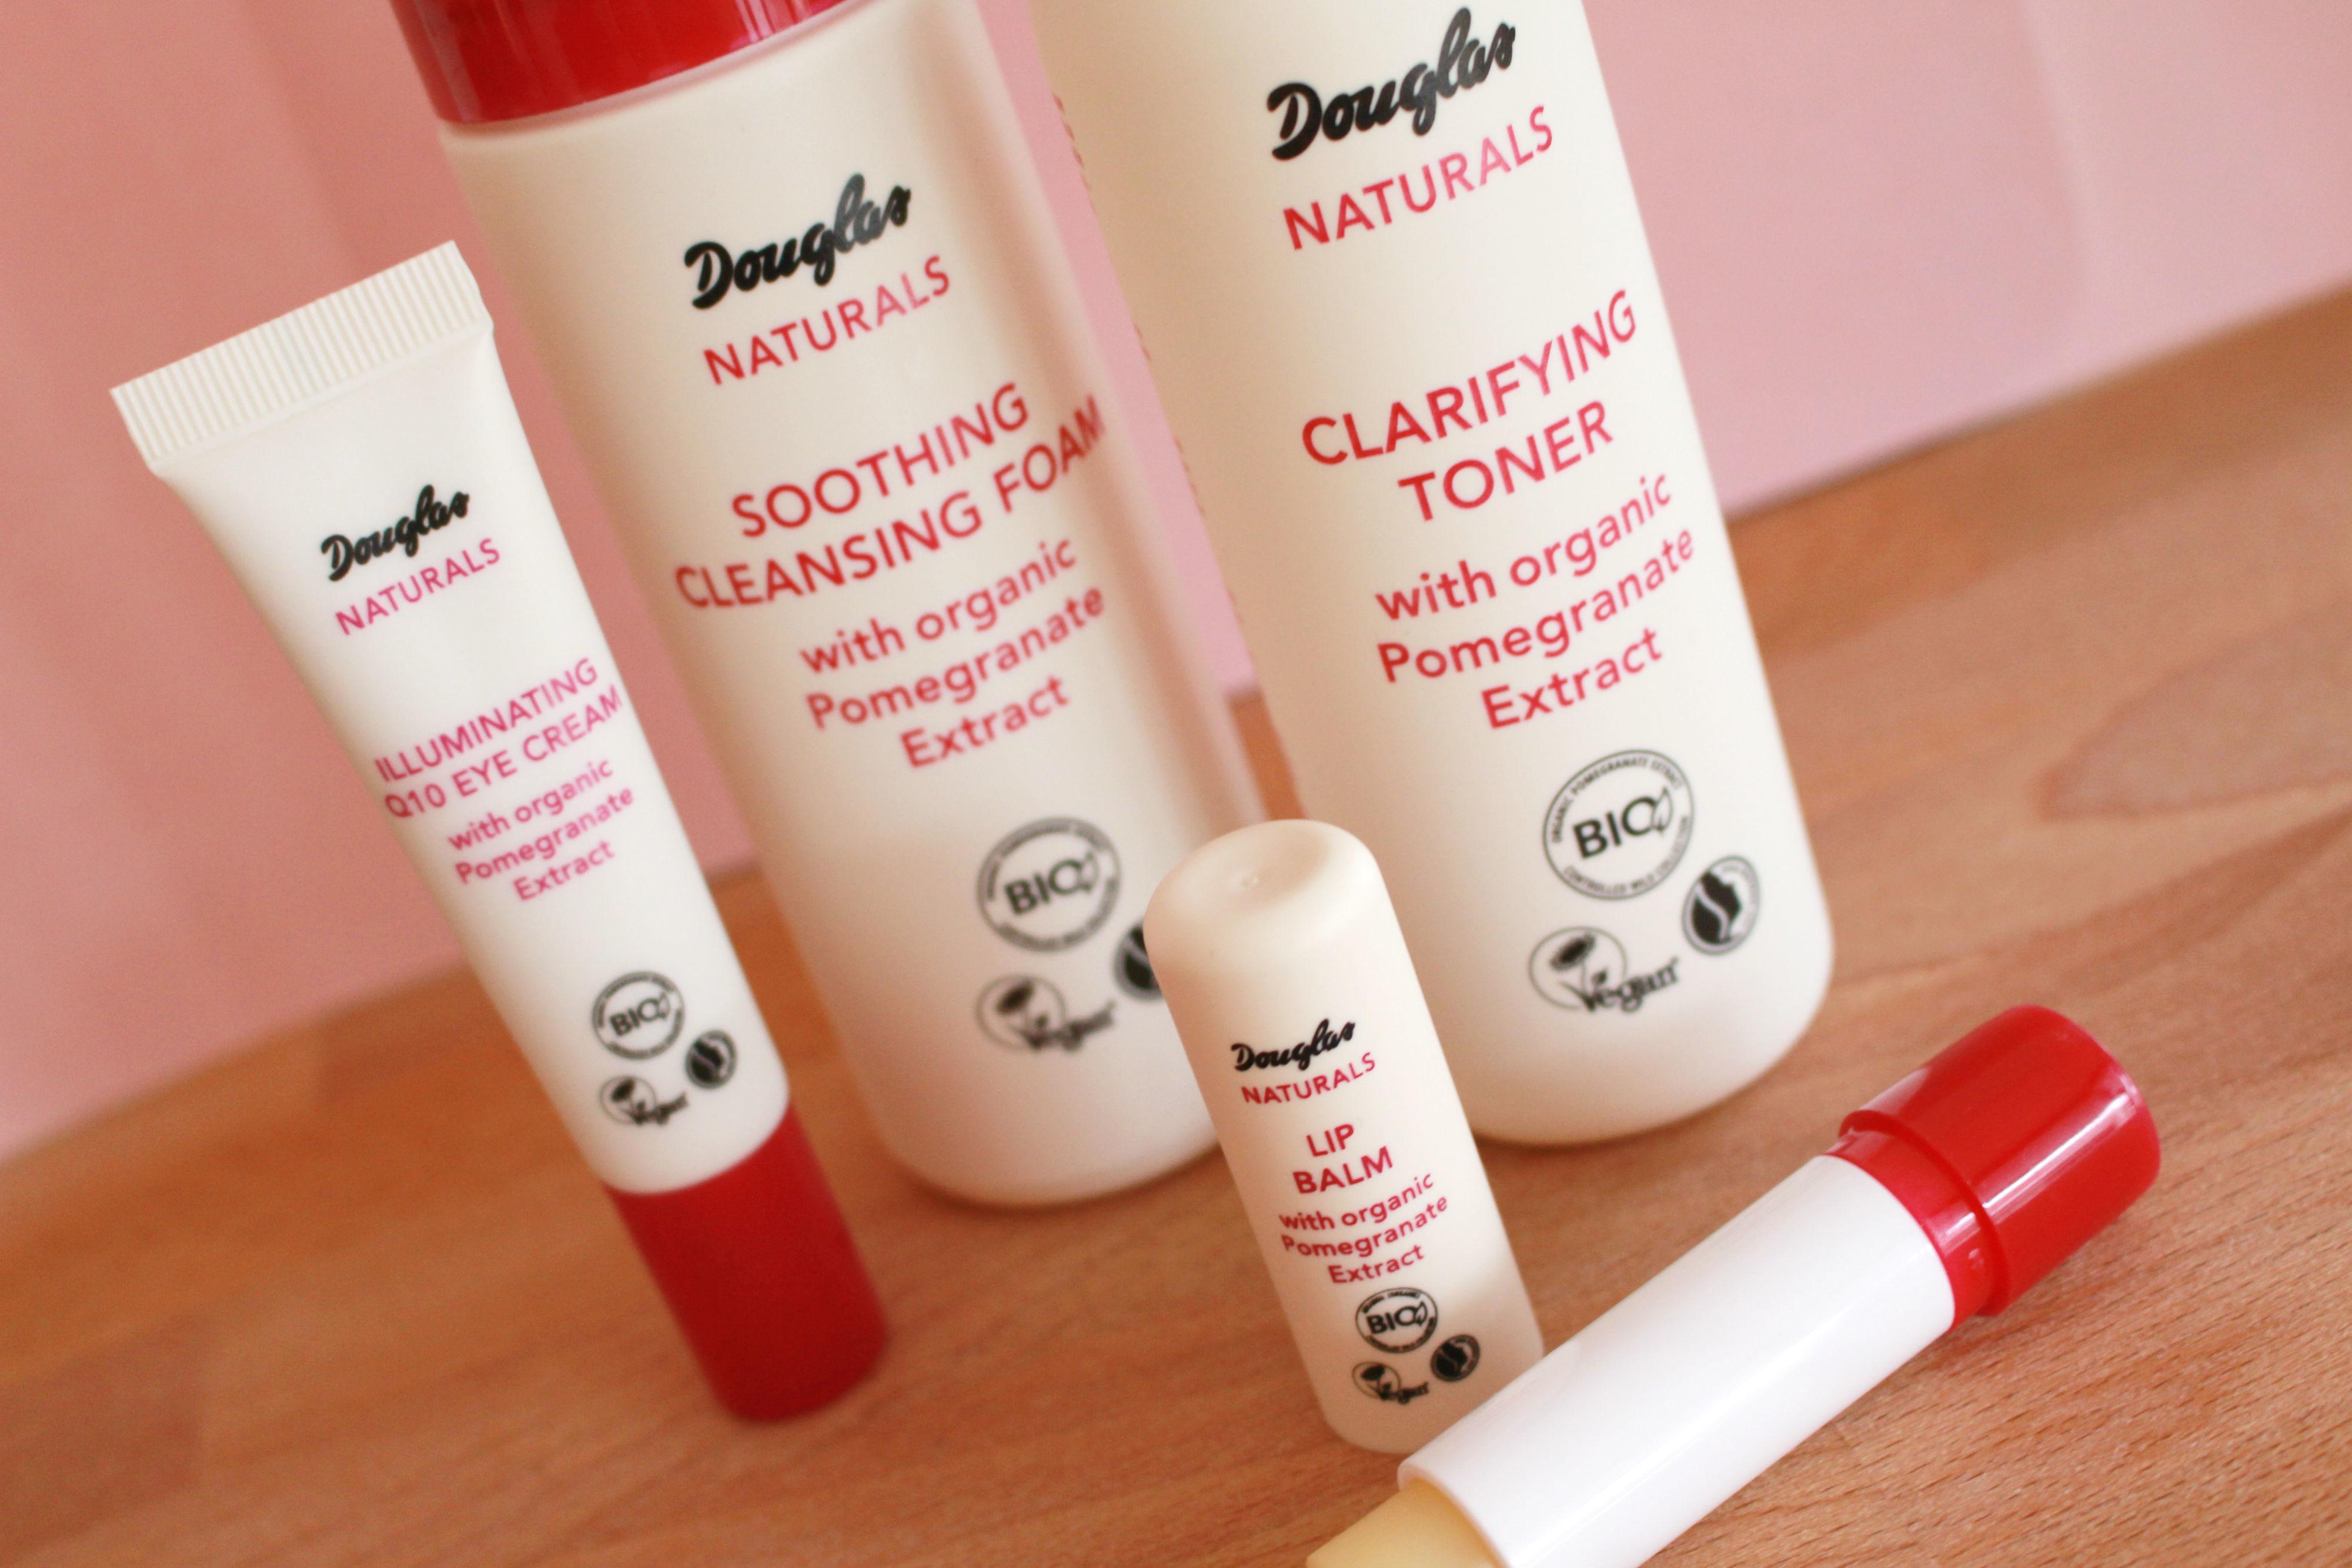 Douglas-Naturals-Rose-&-Pomegranade